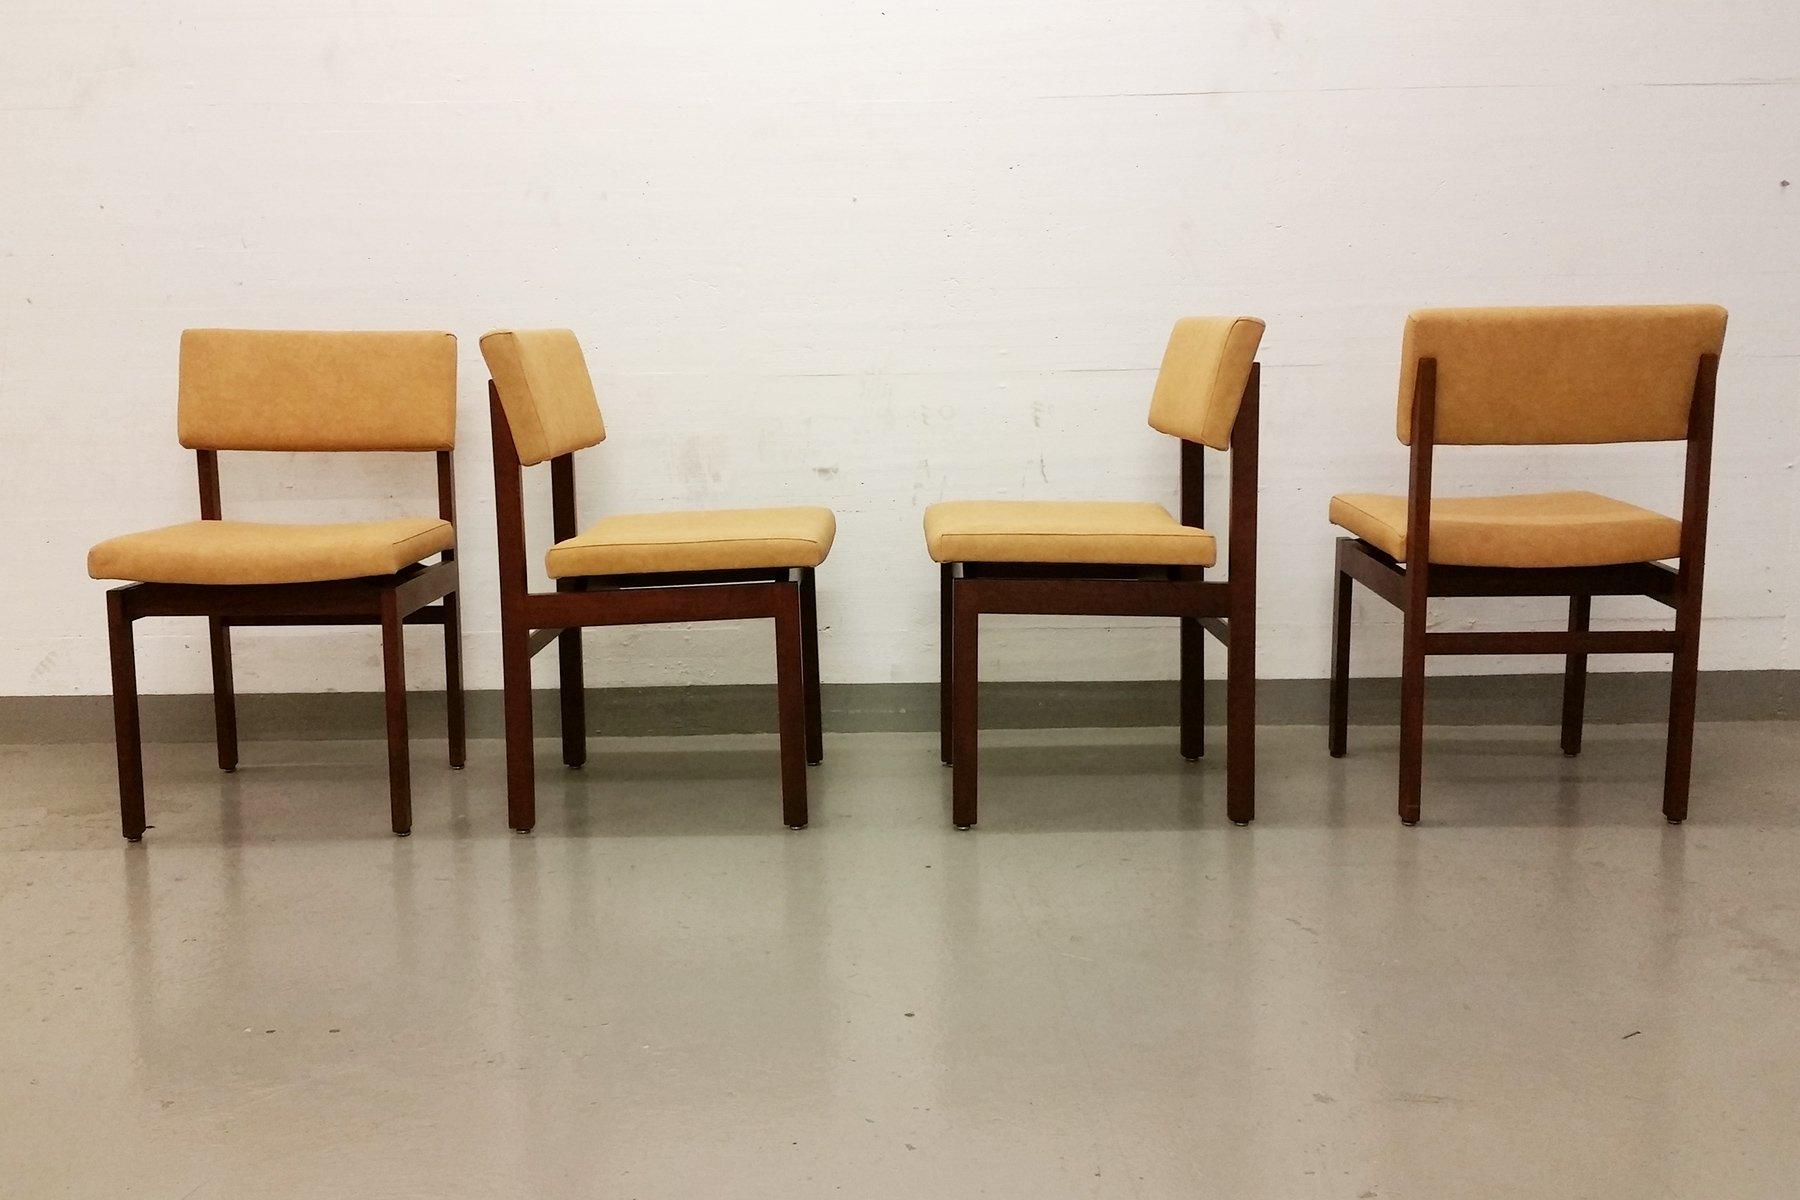 esszimmerst hle 1960er 8er set bei pamono kaufen. Black Bedroom Furniture Sets. Home Design Ideas